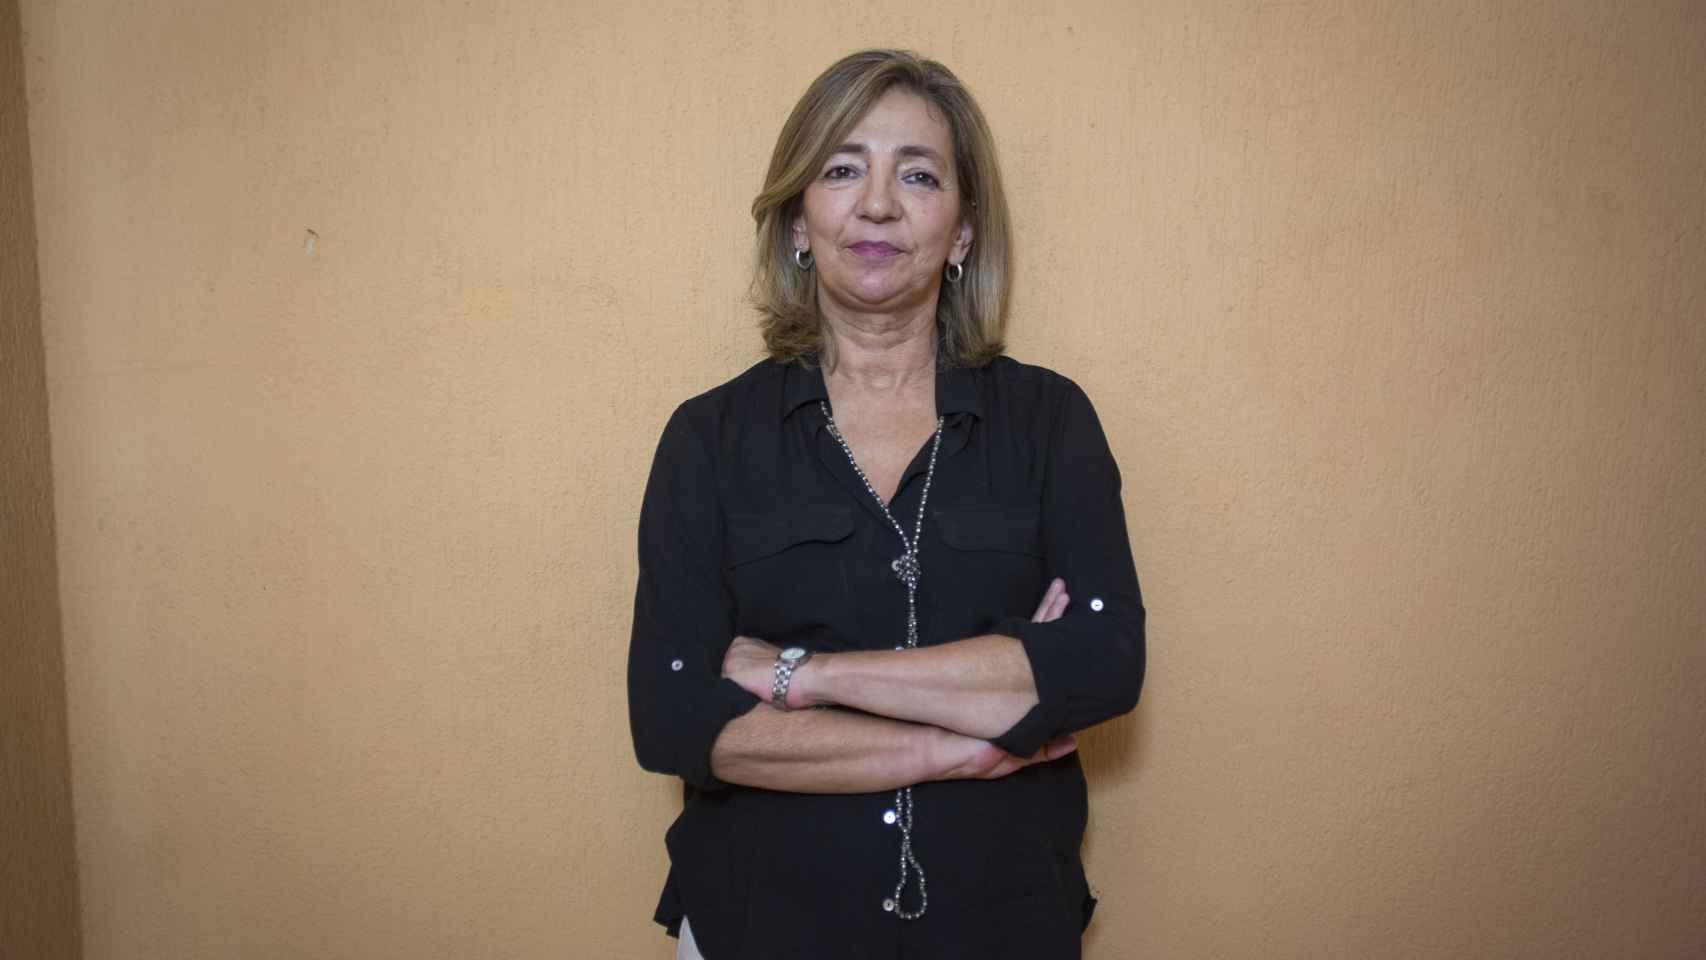 .Carmen, licenciada en Derecho de 55 años, conoció el voluntariado en cuidados paliativos hace algunos años, cuando a su marido le detectaron un alzhéimer precoz a los 45 años